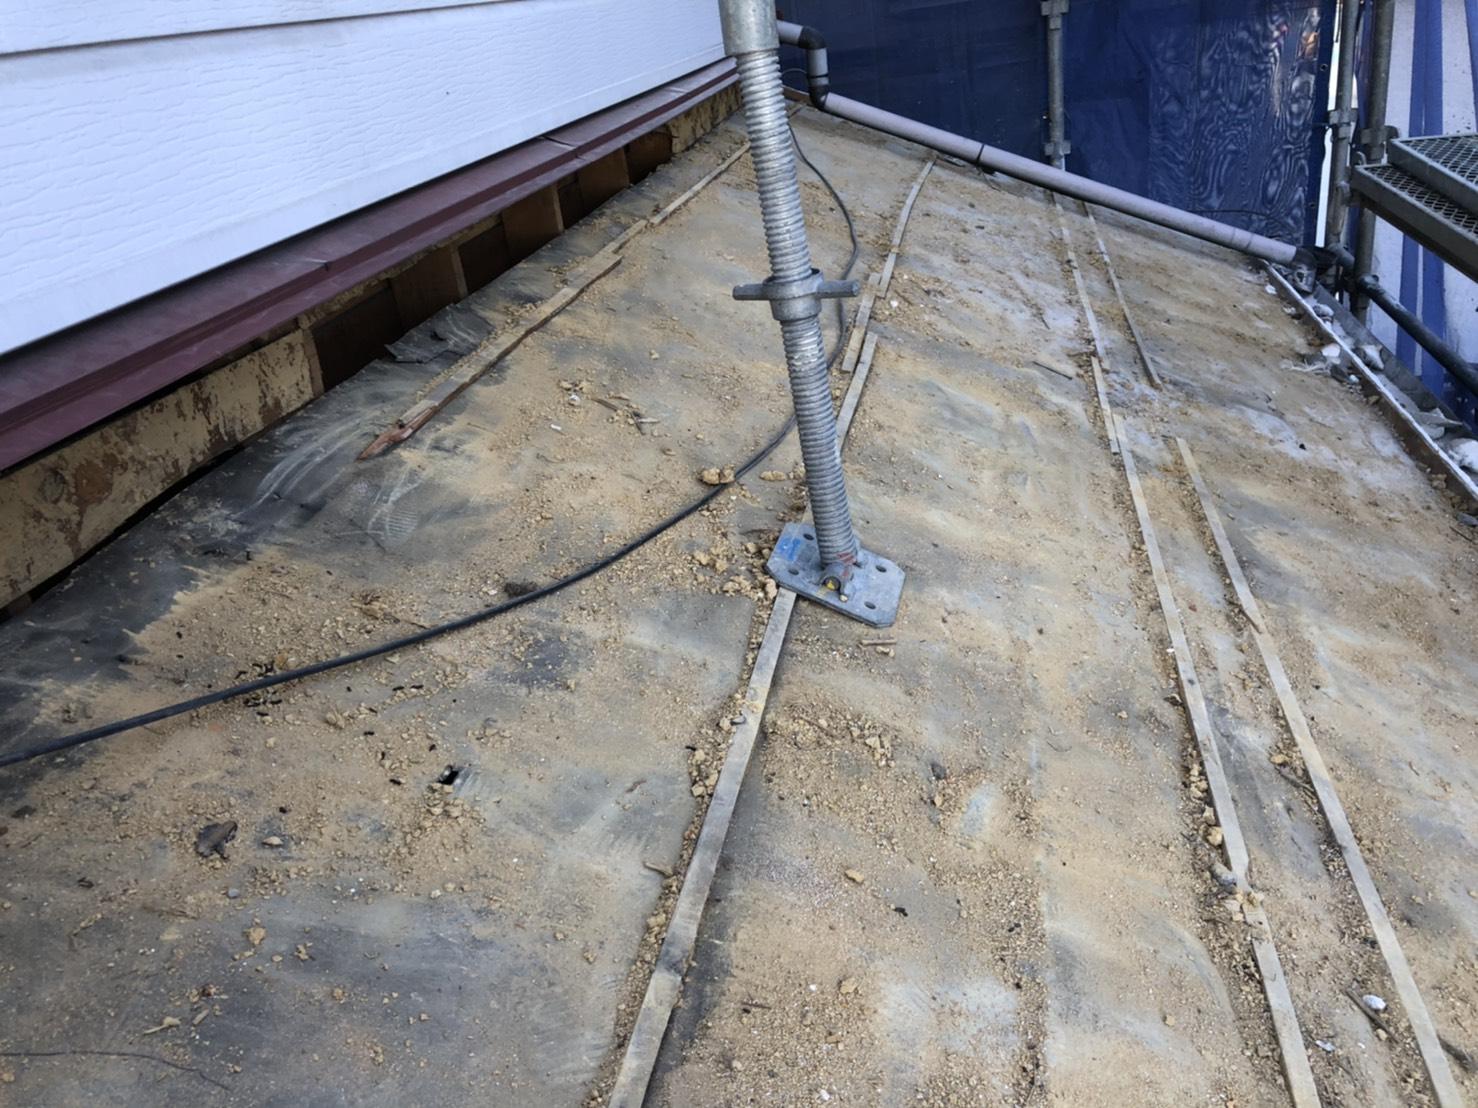 神戸市垂水区での屋根葺き替え工事で土を取り除いた様子